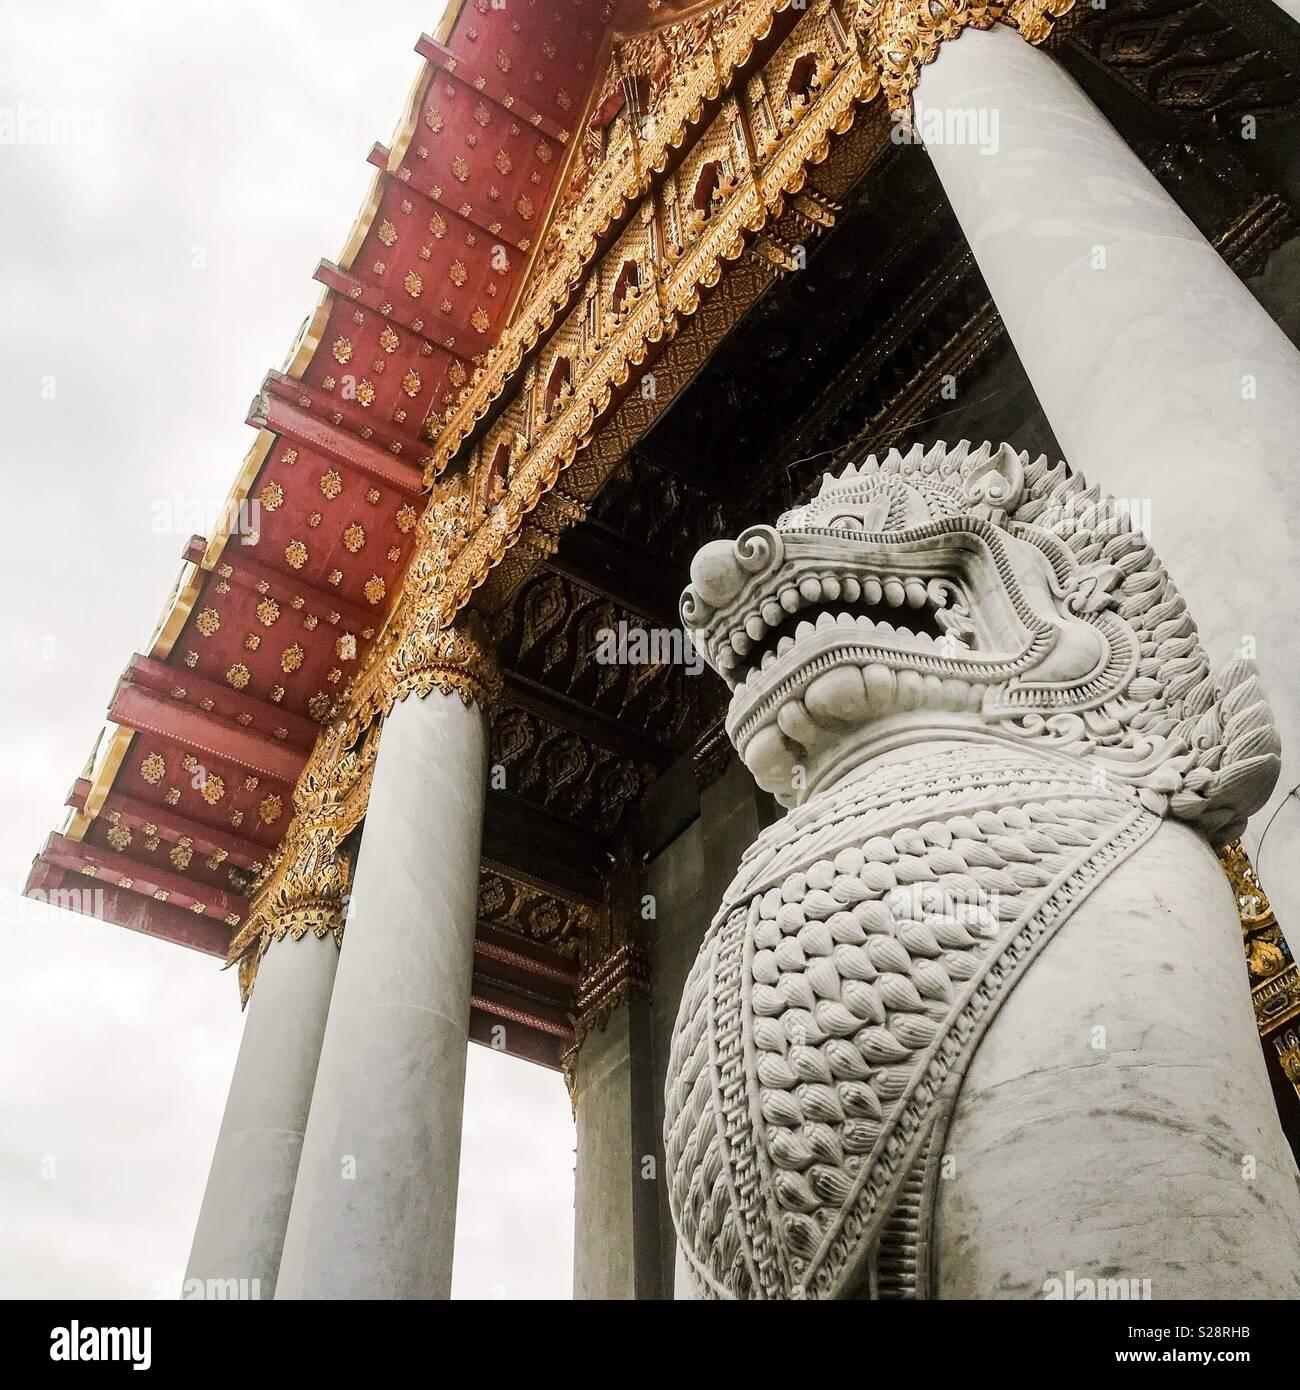 Le Temple de marbre, Bangkok, Thaïlande Photo Stock